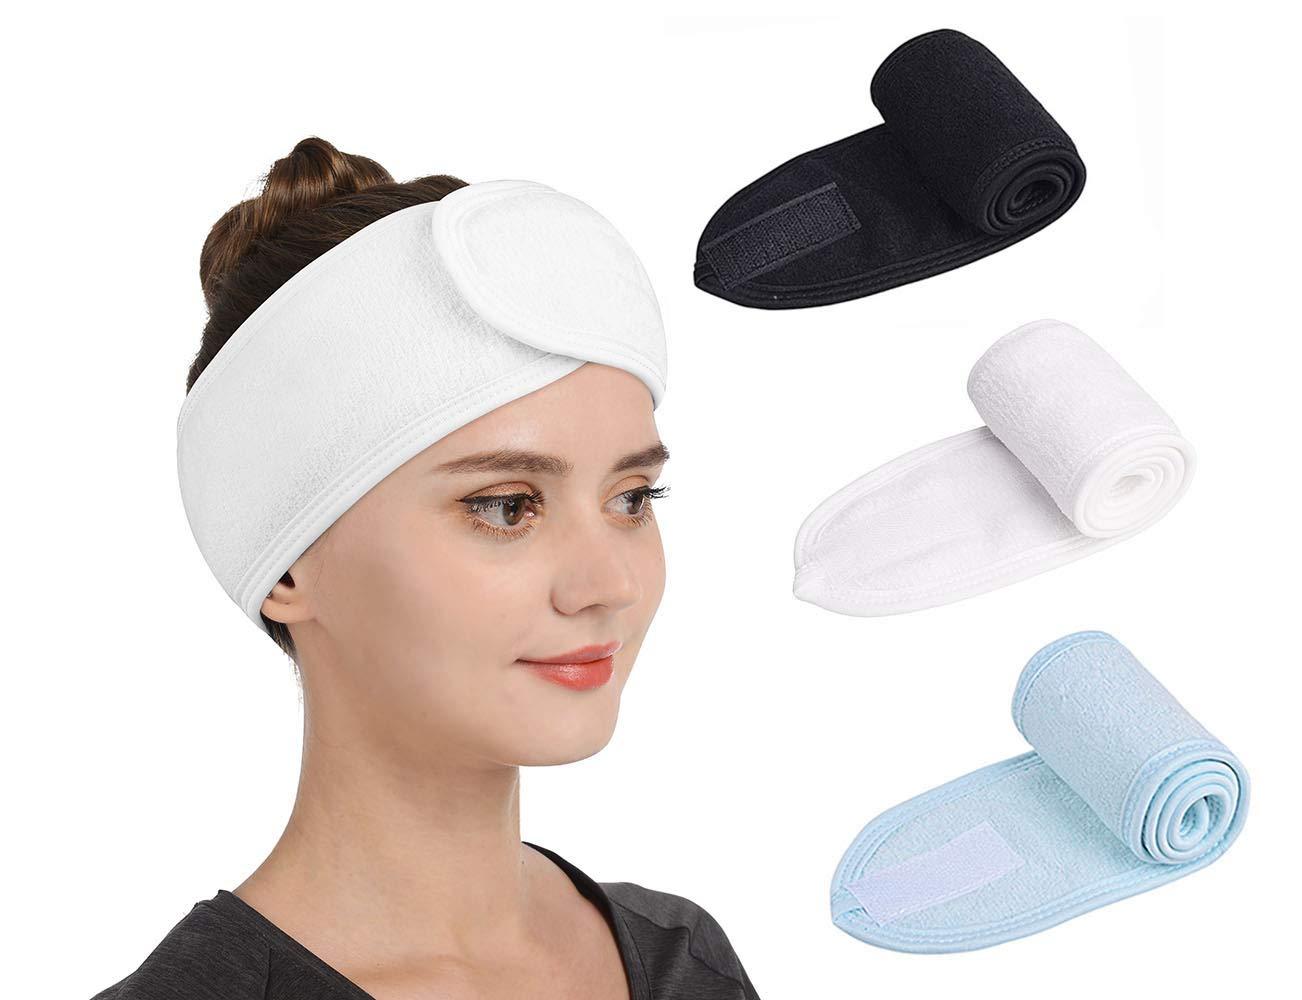 Gnafihz Facial Spa Headband – 3 Pcs Makeup Shower Bath Hair Wrap